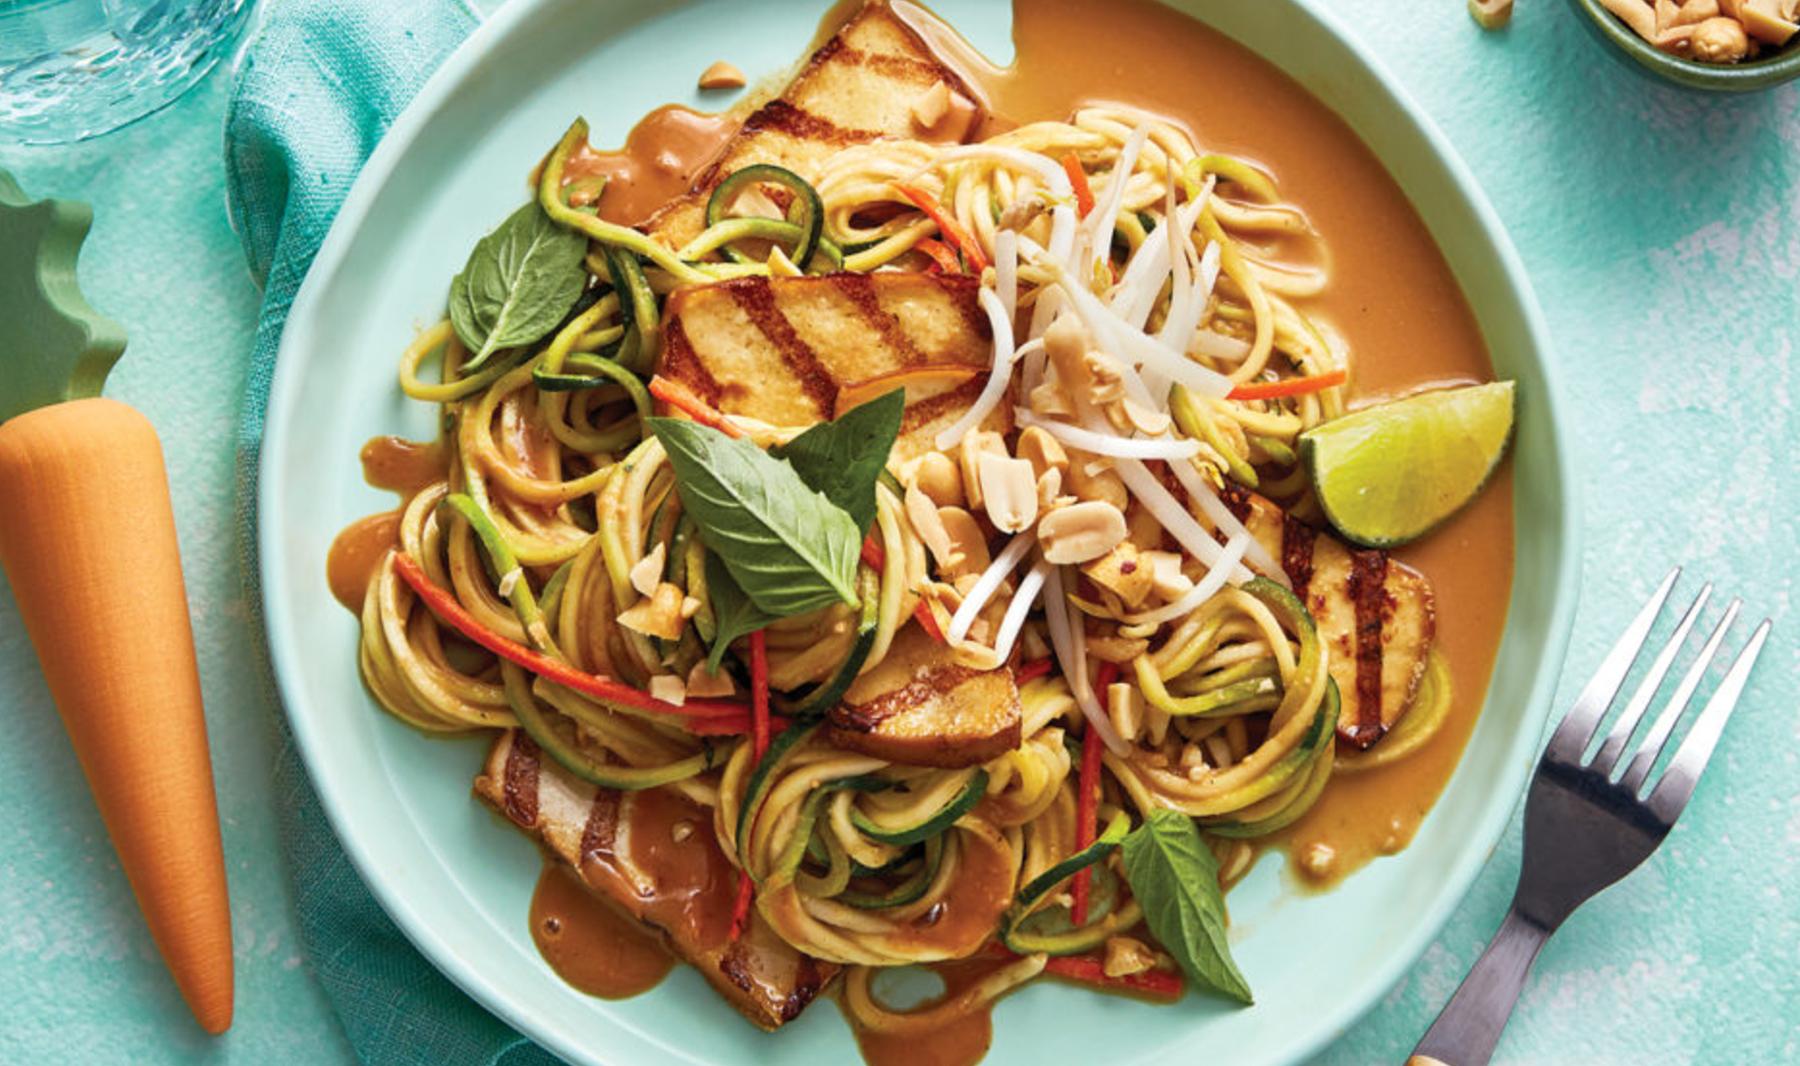 Brzi & jednostavni recepti za zdrave i ukusne Špageti